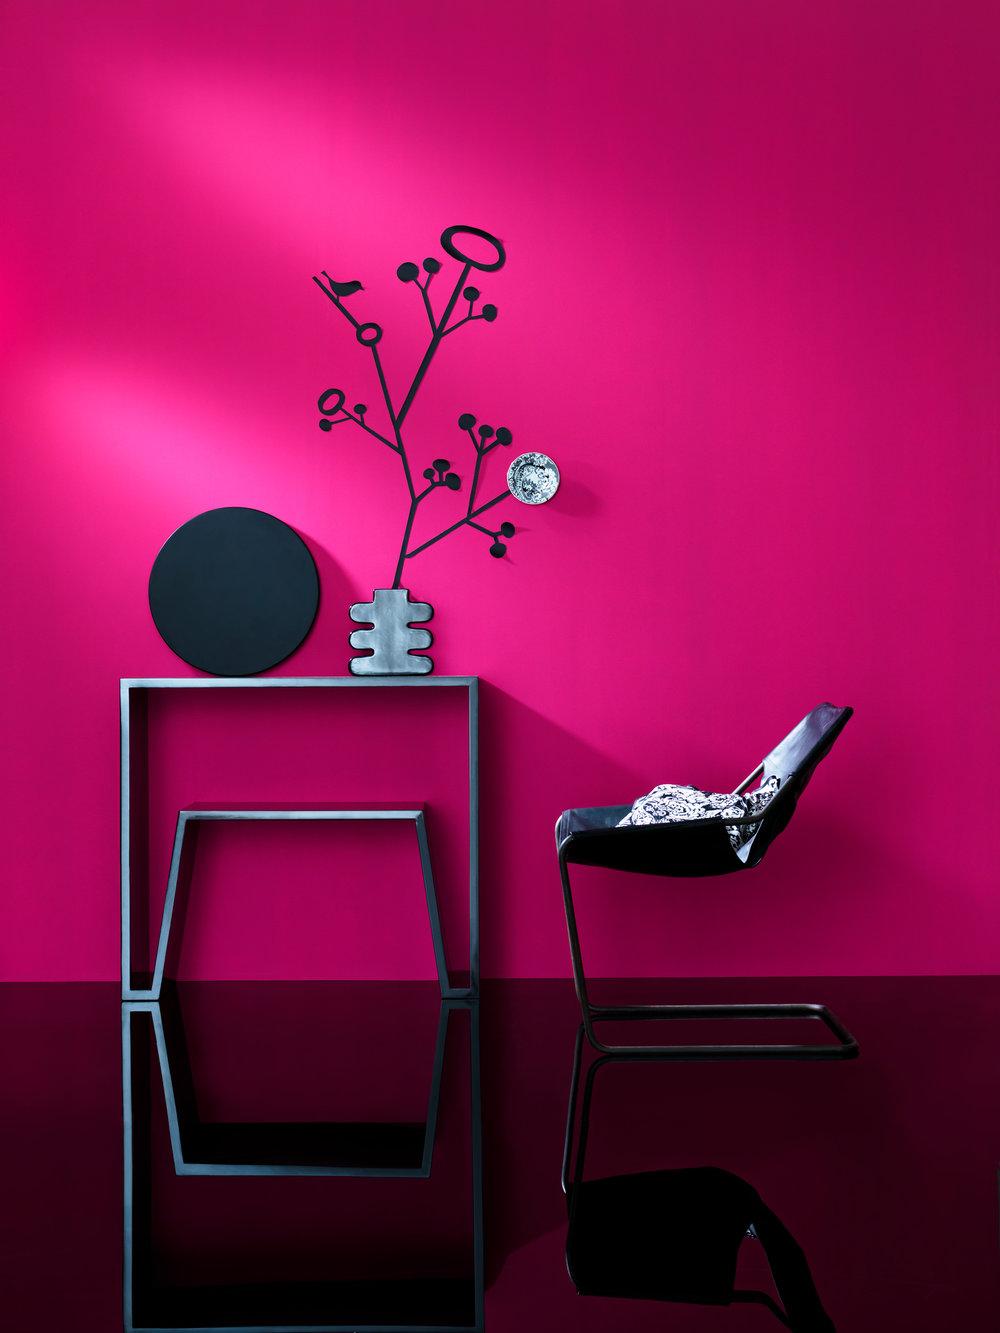 218807-10853671-08018ELL0804_PinkStoryPR_floorextended_jpg.jpg